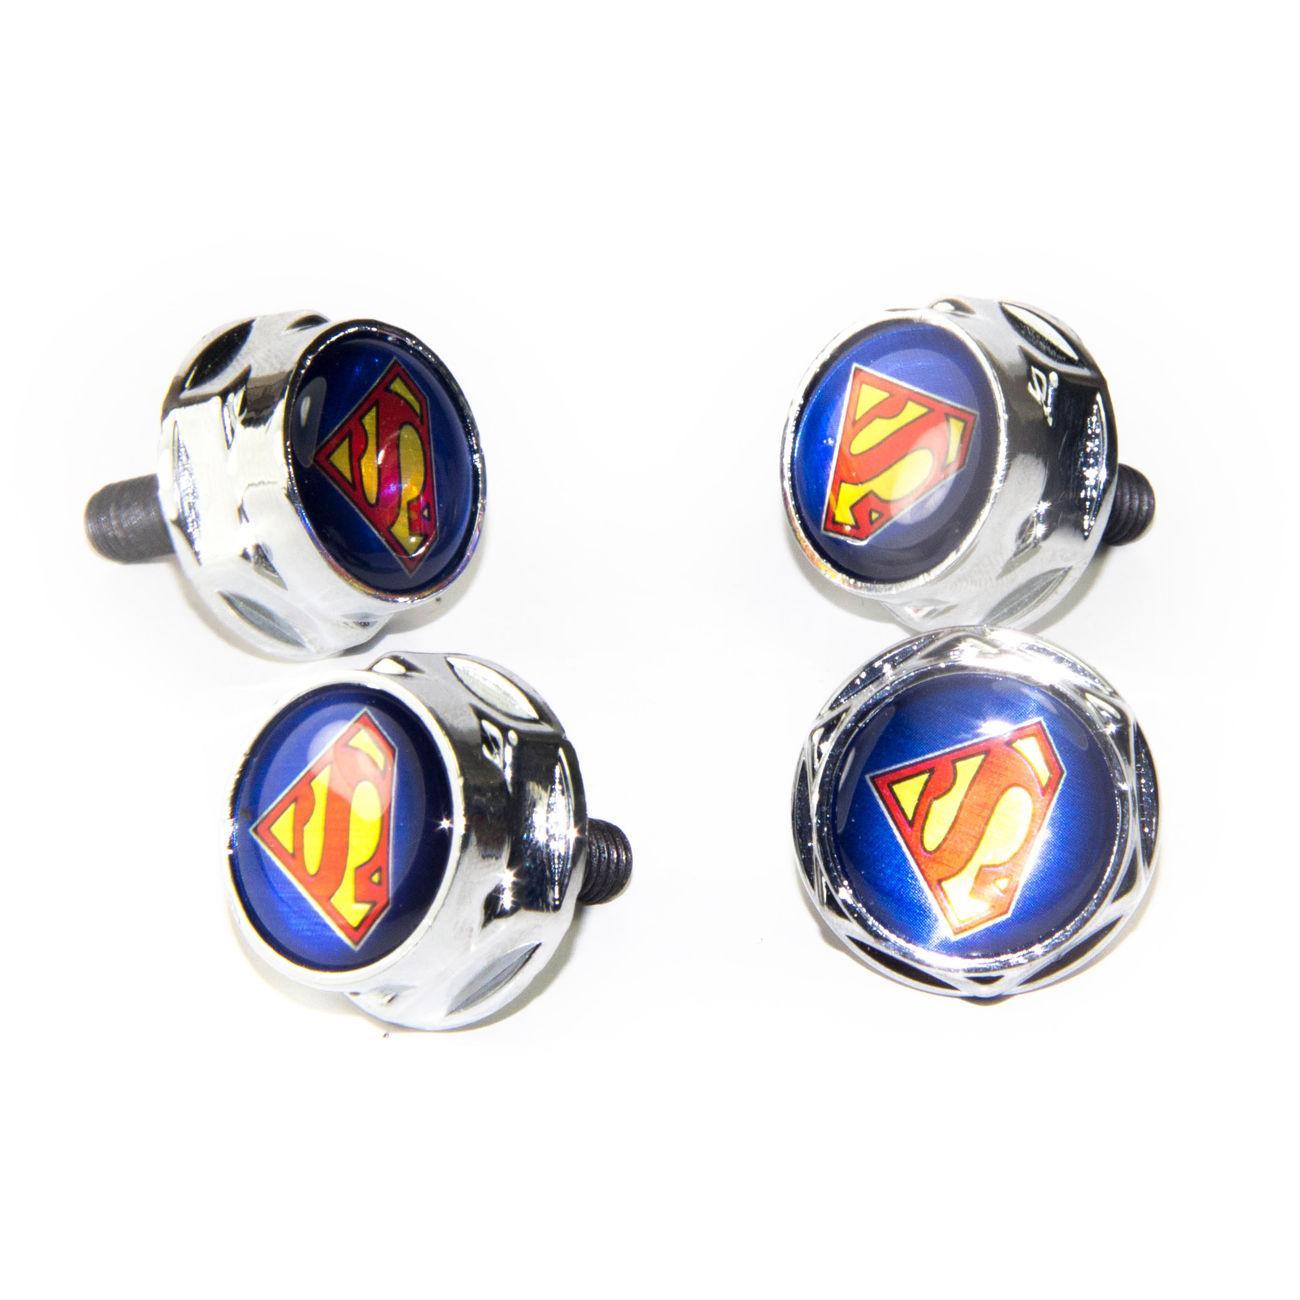 Großhandel / Set Universal Superman Kfz Kennzeichen Nuts Bolzen ...